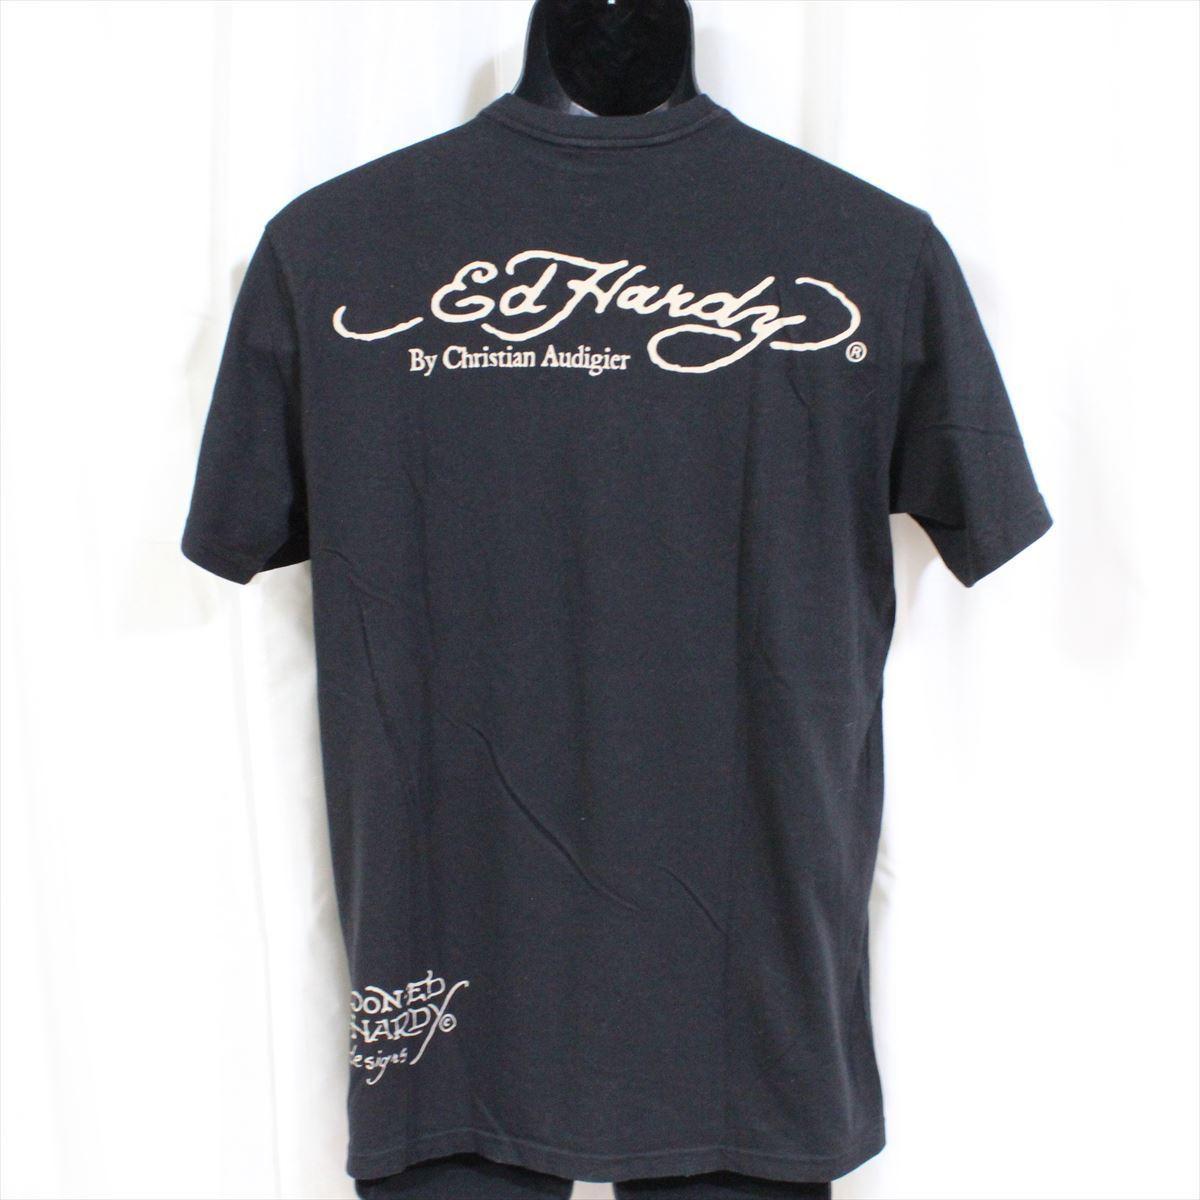 エドハーディー ED HARDY メンズ半袖Tシャツ ブラック Sサイズ DEATH OR GLORY 新品_画像3